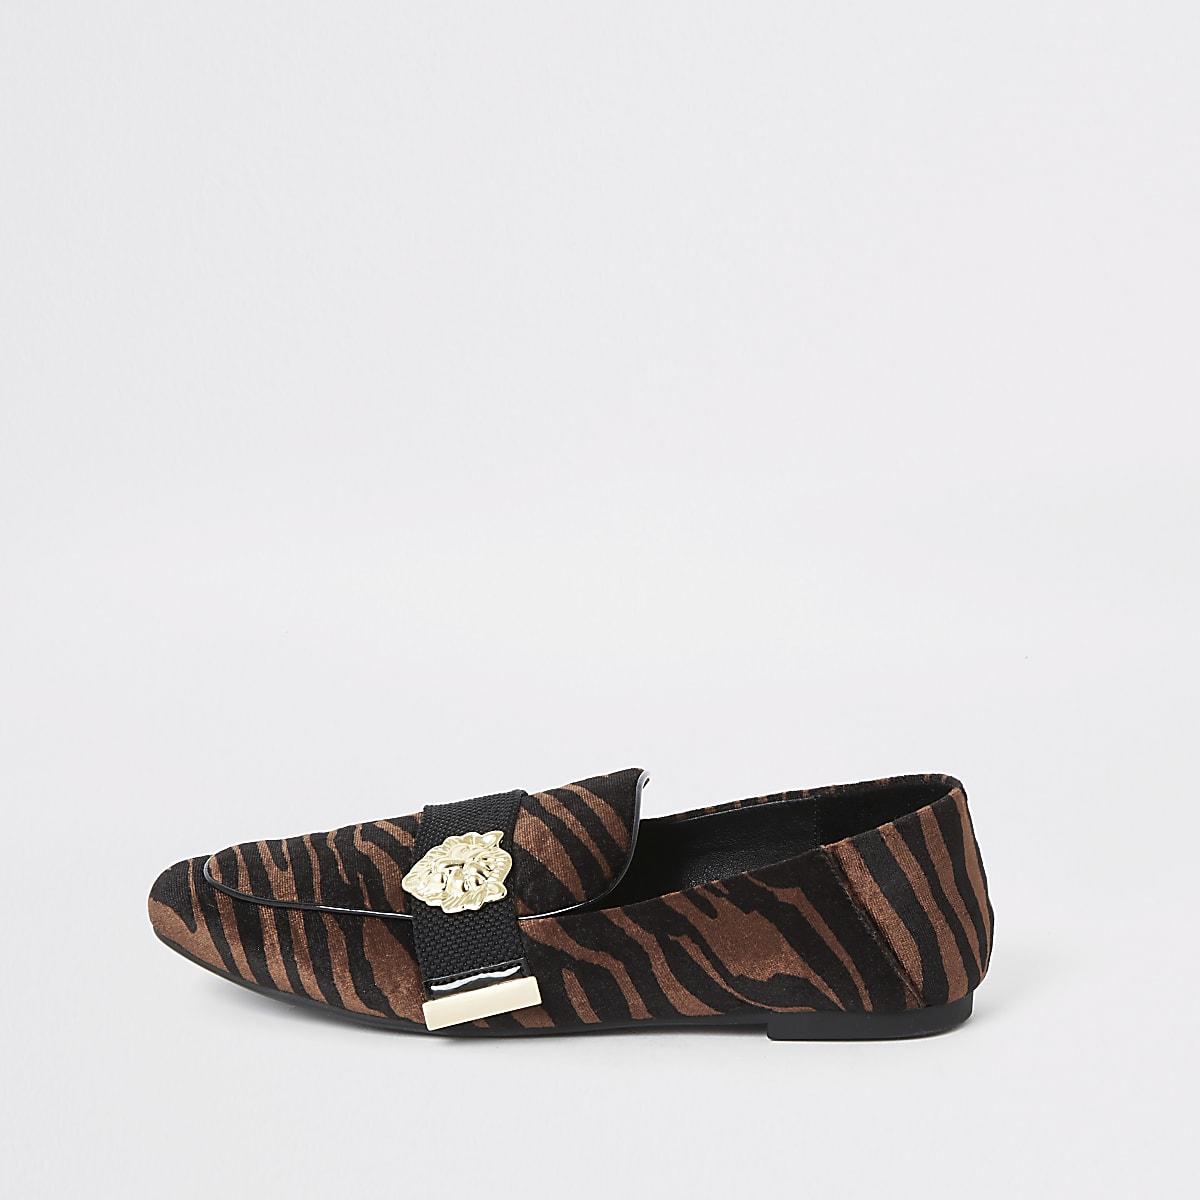 Bruine loafers met bies, tijgerprint en brede pasvorm